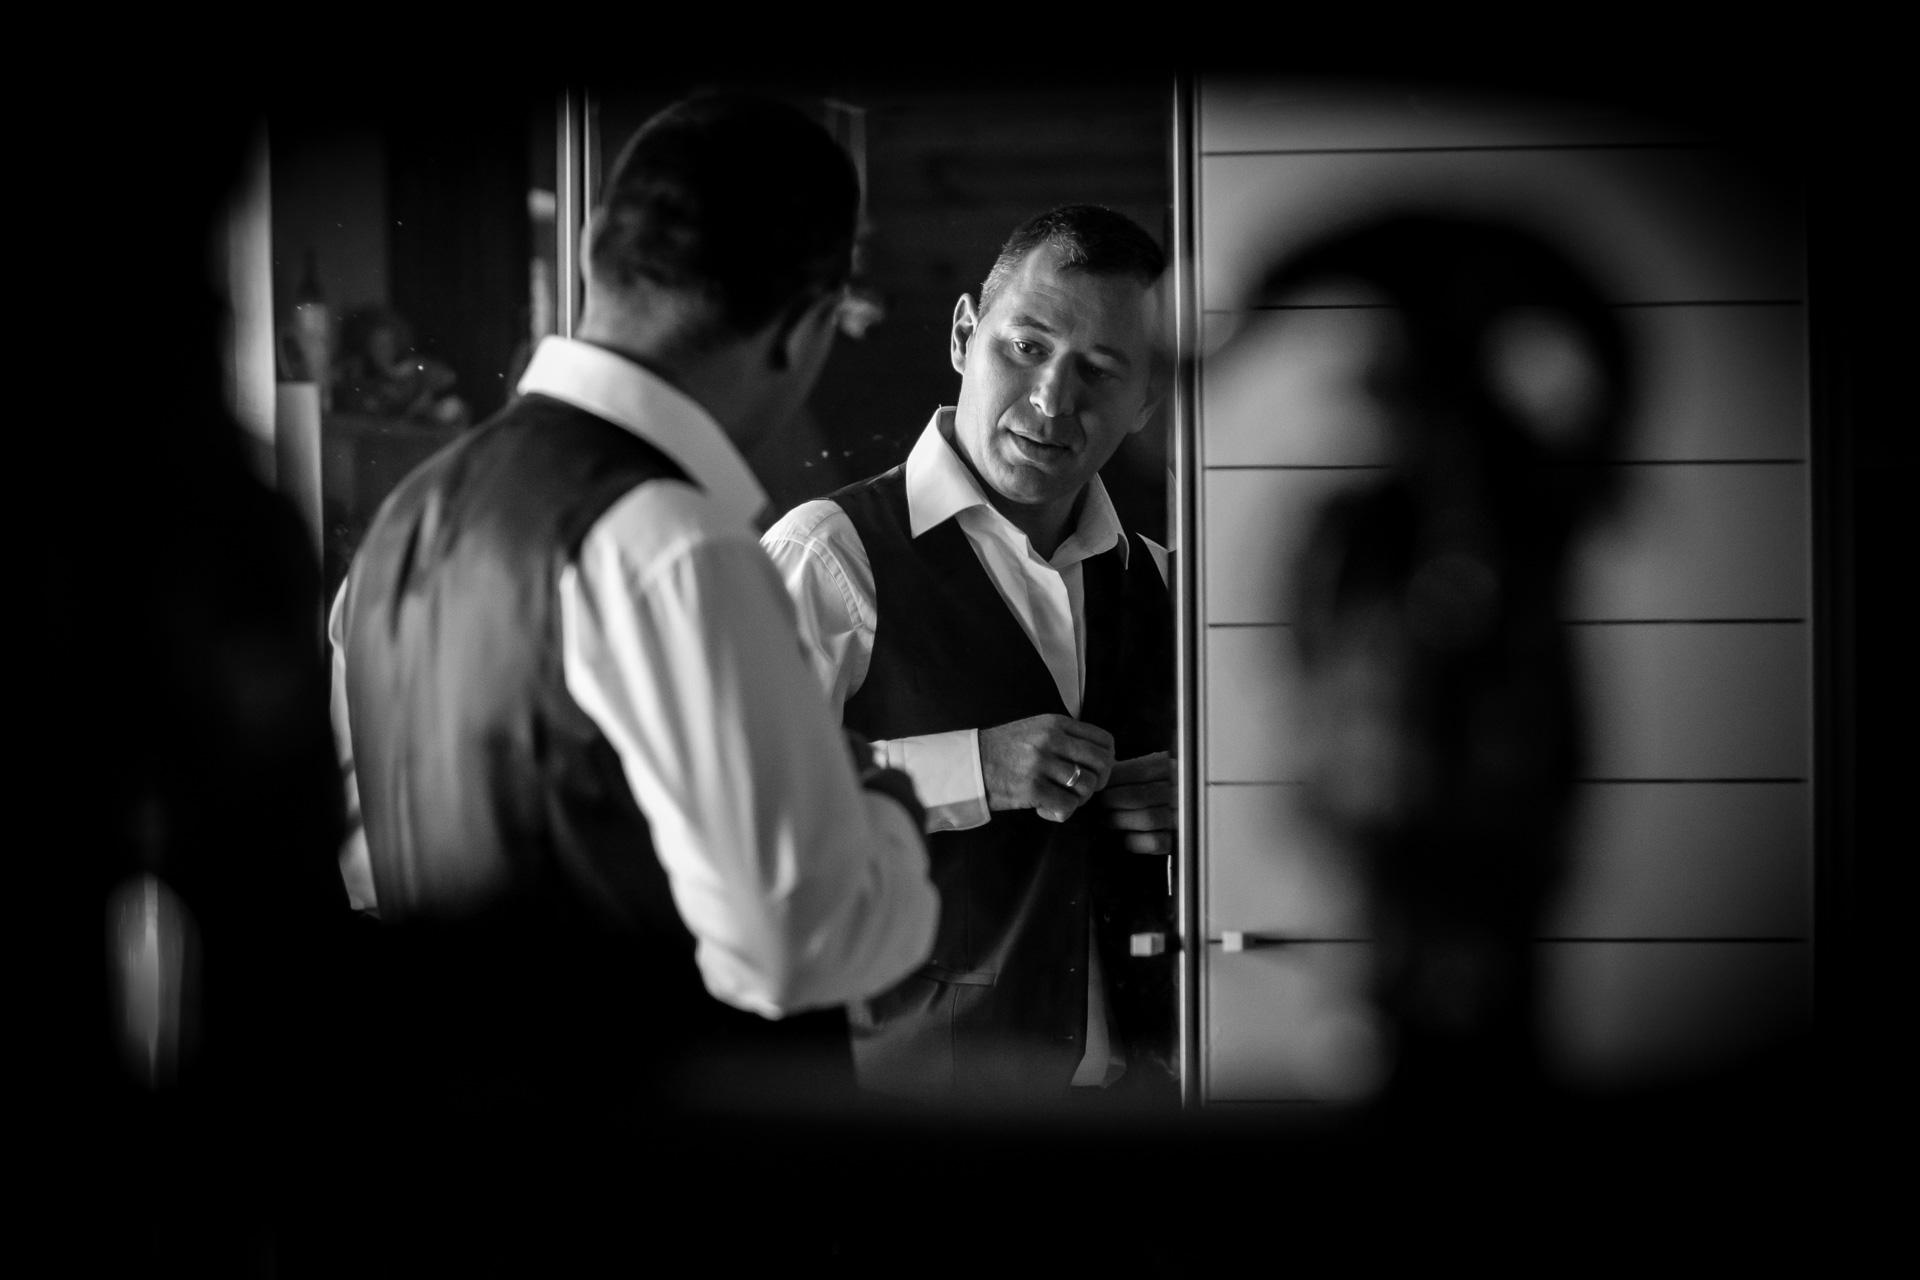 le marie s'habille en noir et blanc avec sourire avec ombre chinoise